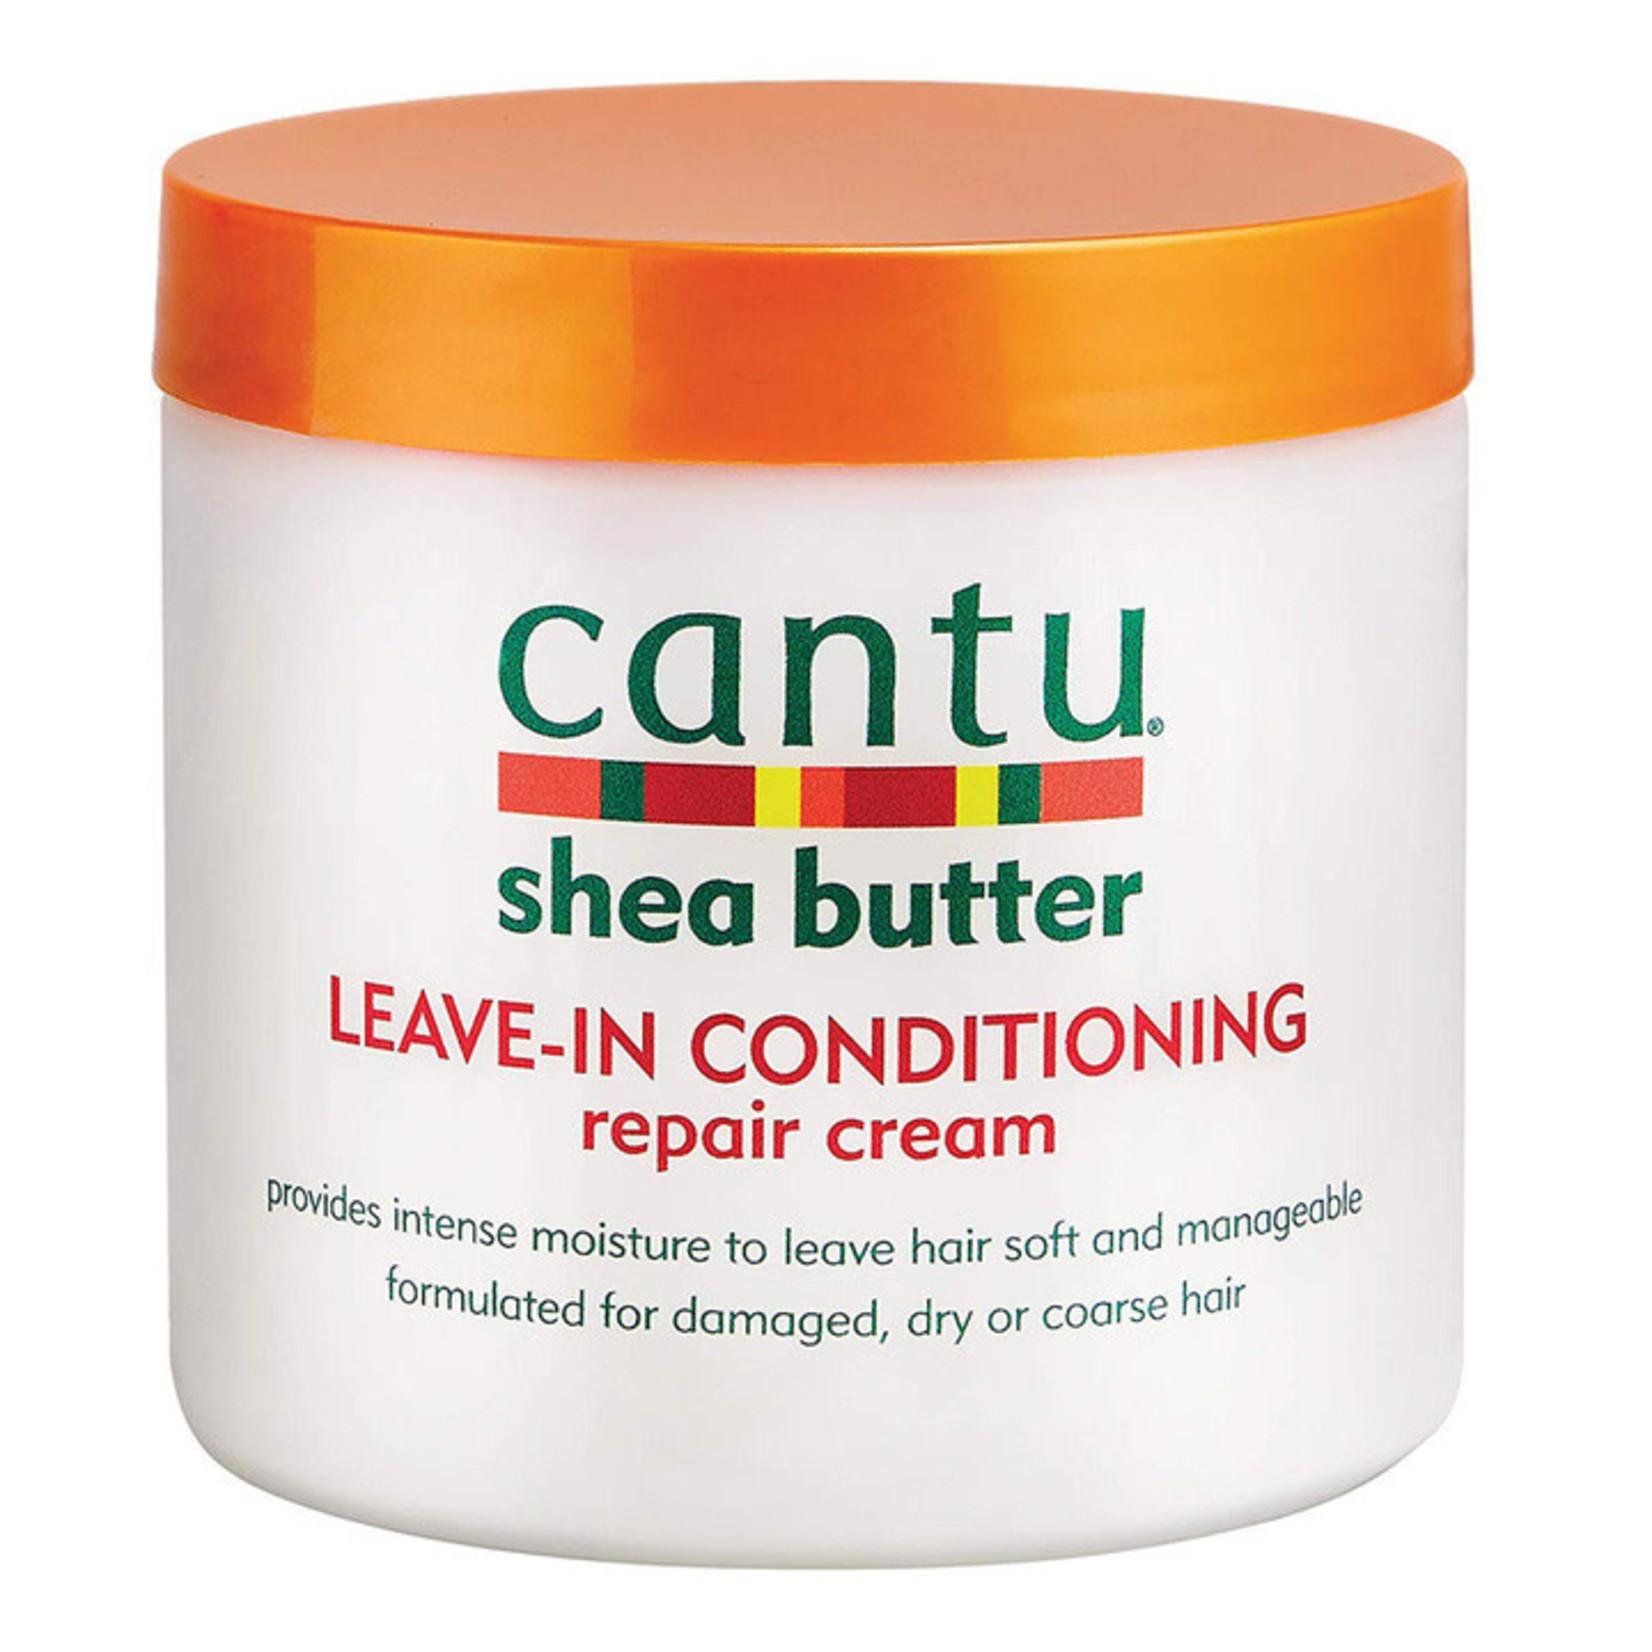 CANTU CANTU SHEA BUTTER LEAVE-IN REPAIR CONDITIONER [16OZ]